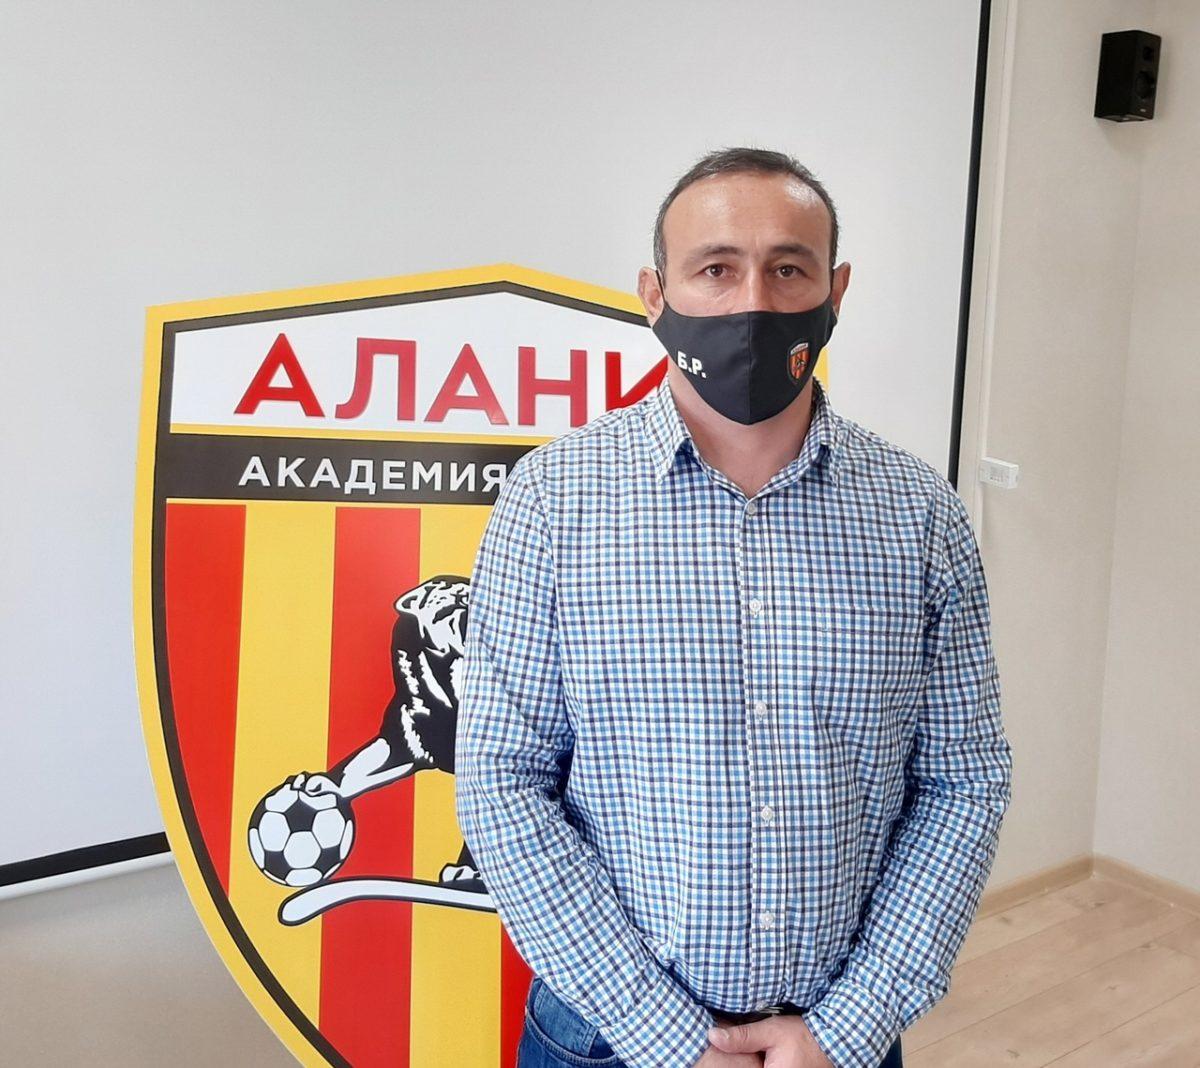 Наши футболисты имеют прекрасные условия для профессионального роста – Роберт Битаров